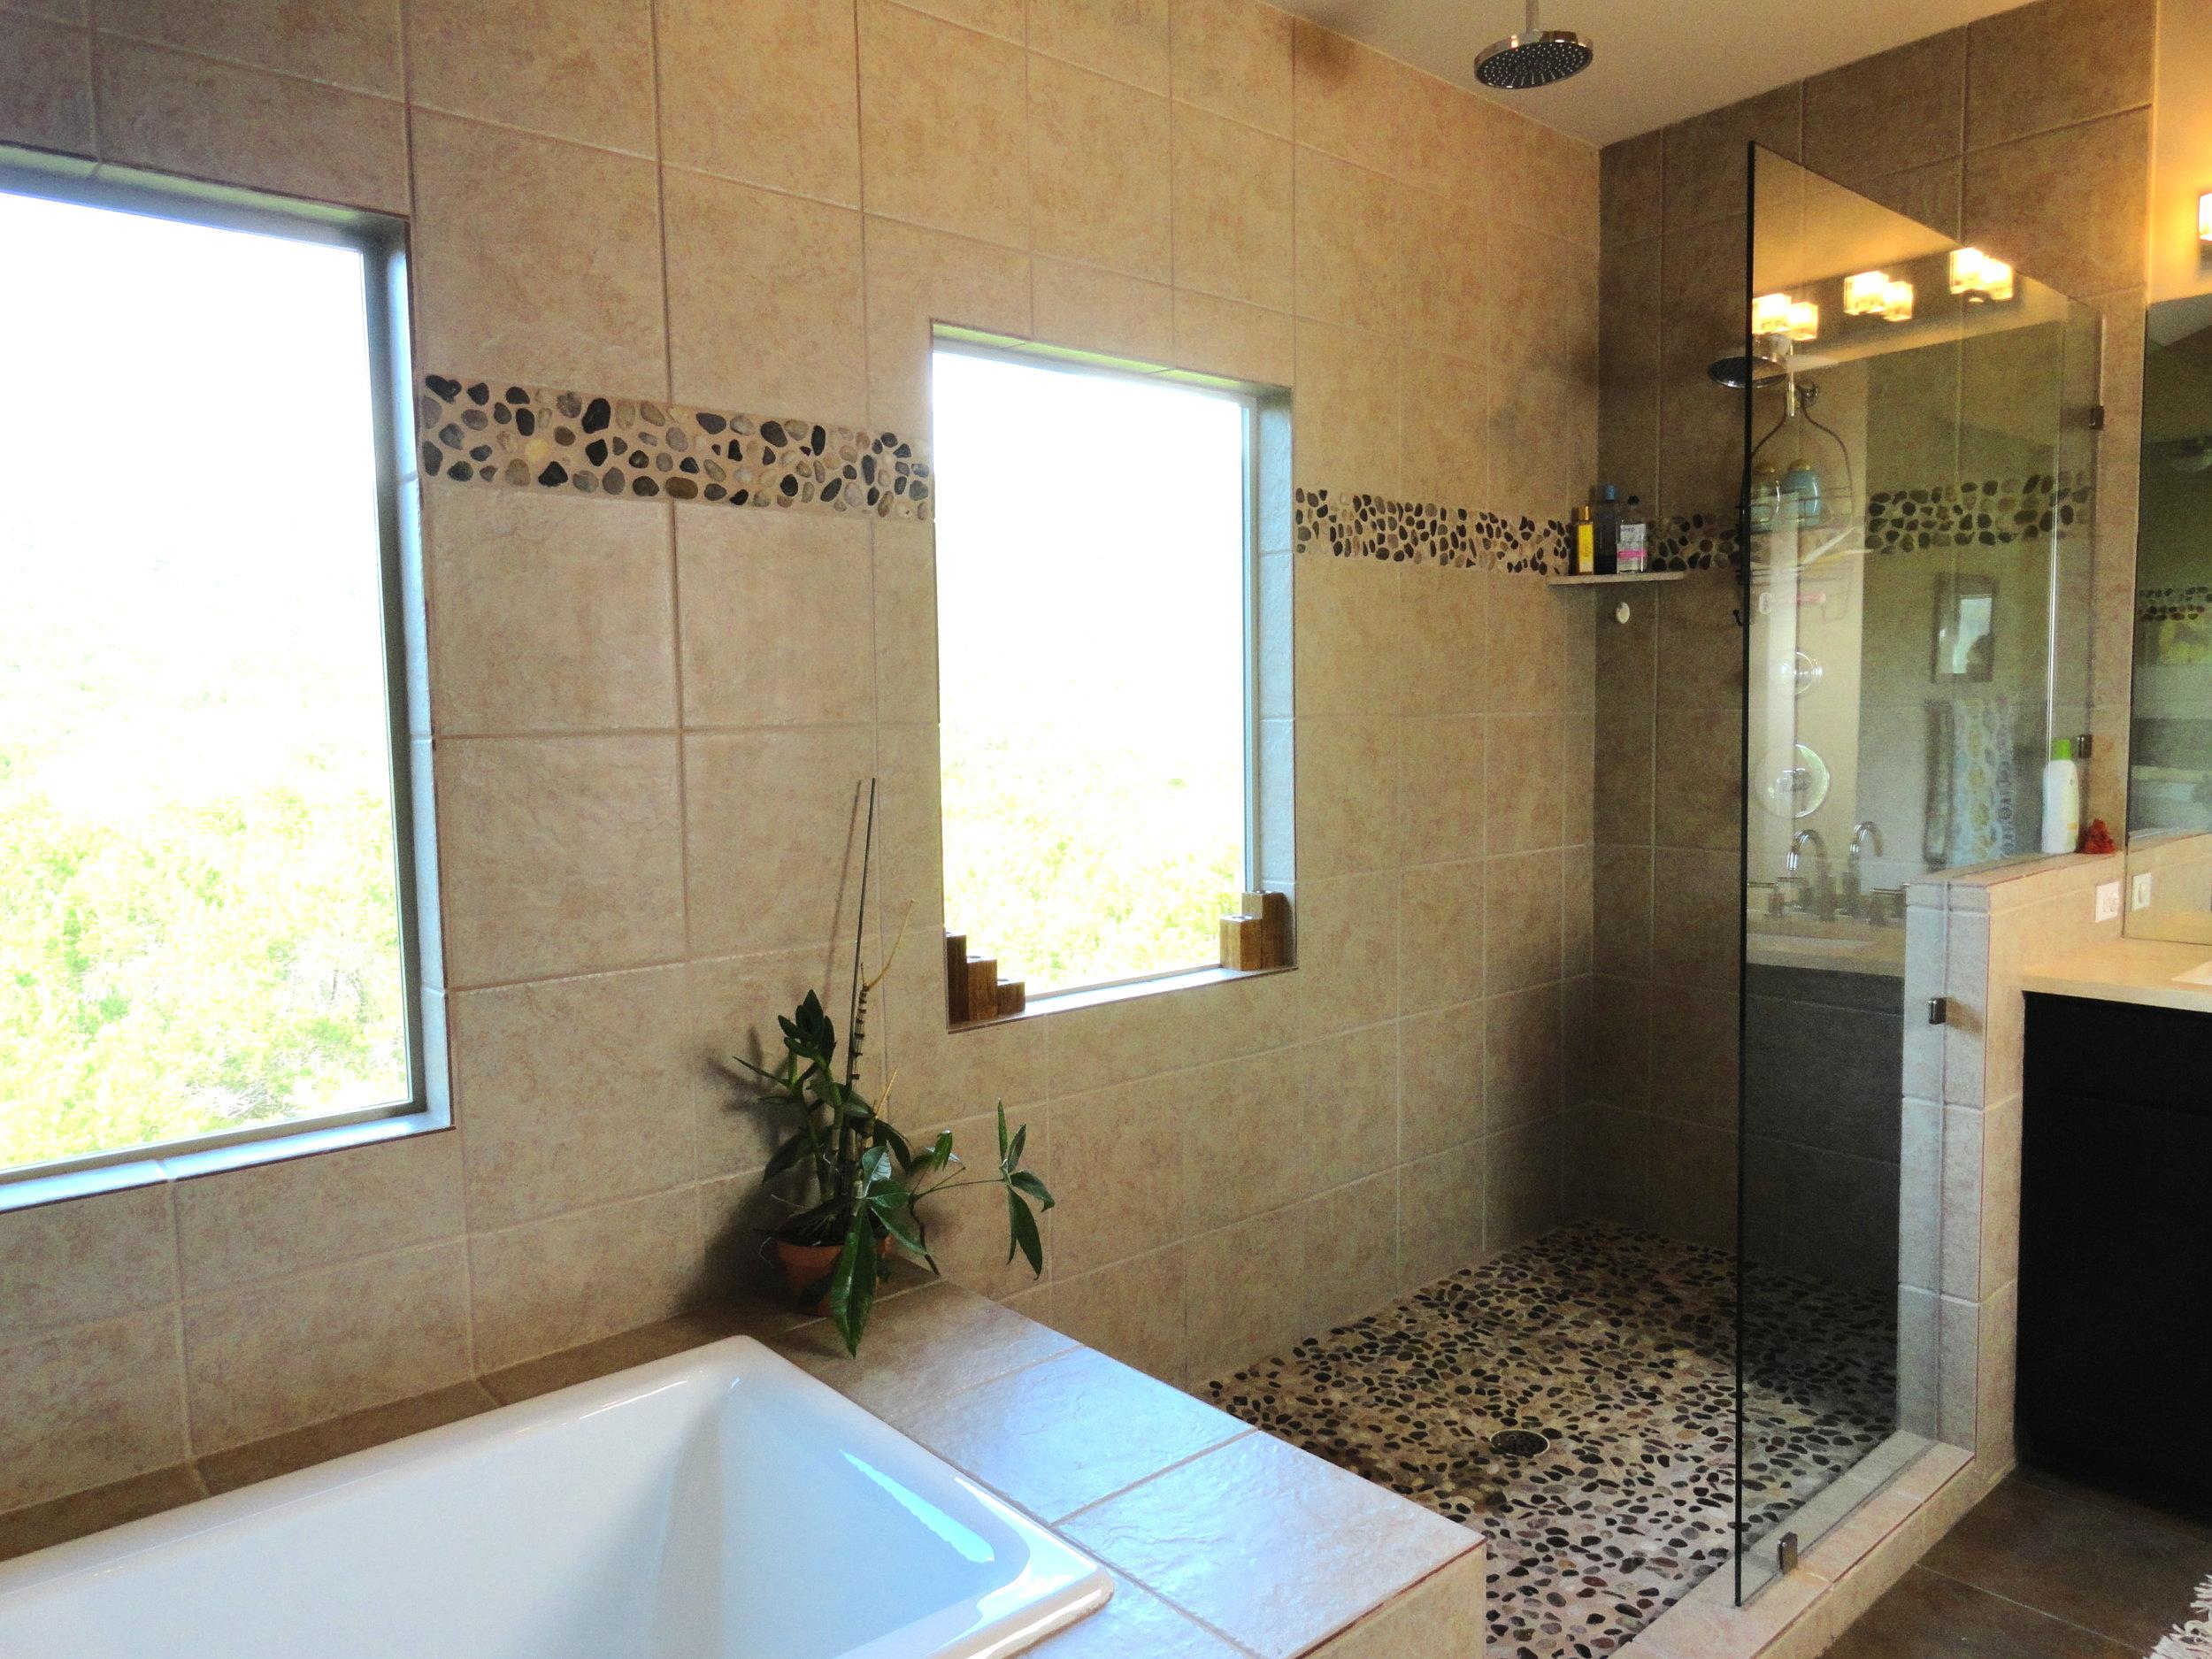 m tub shower h.jpg